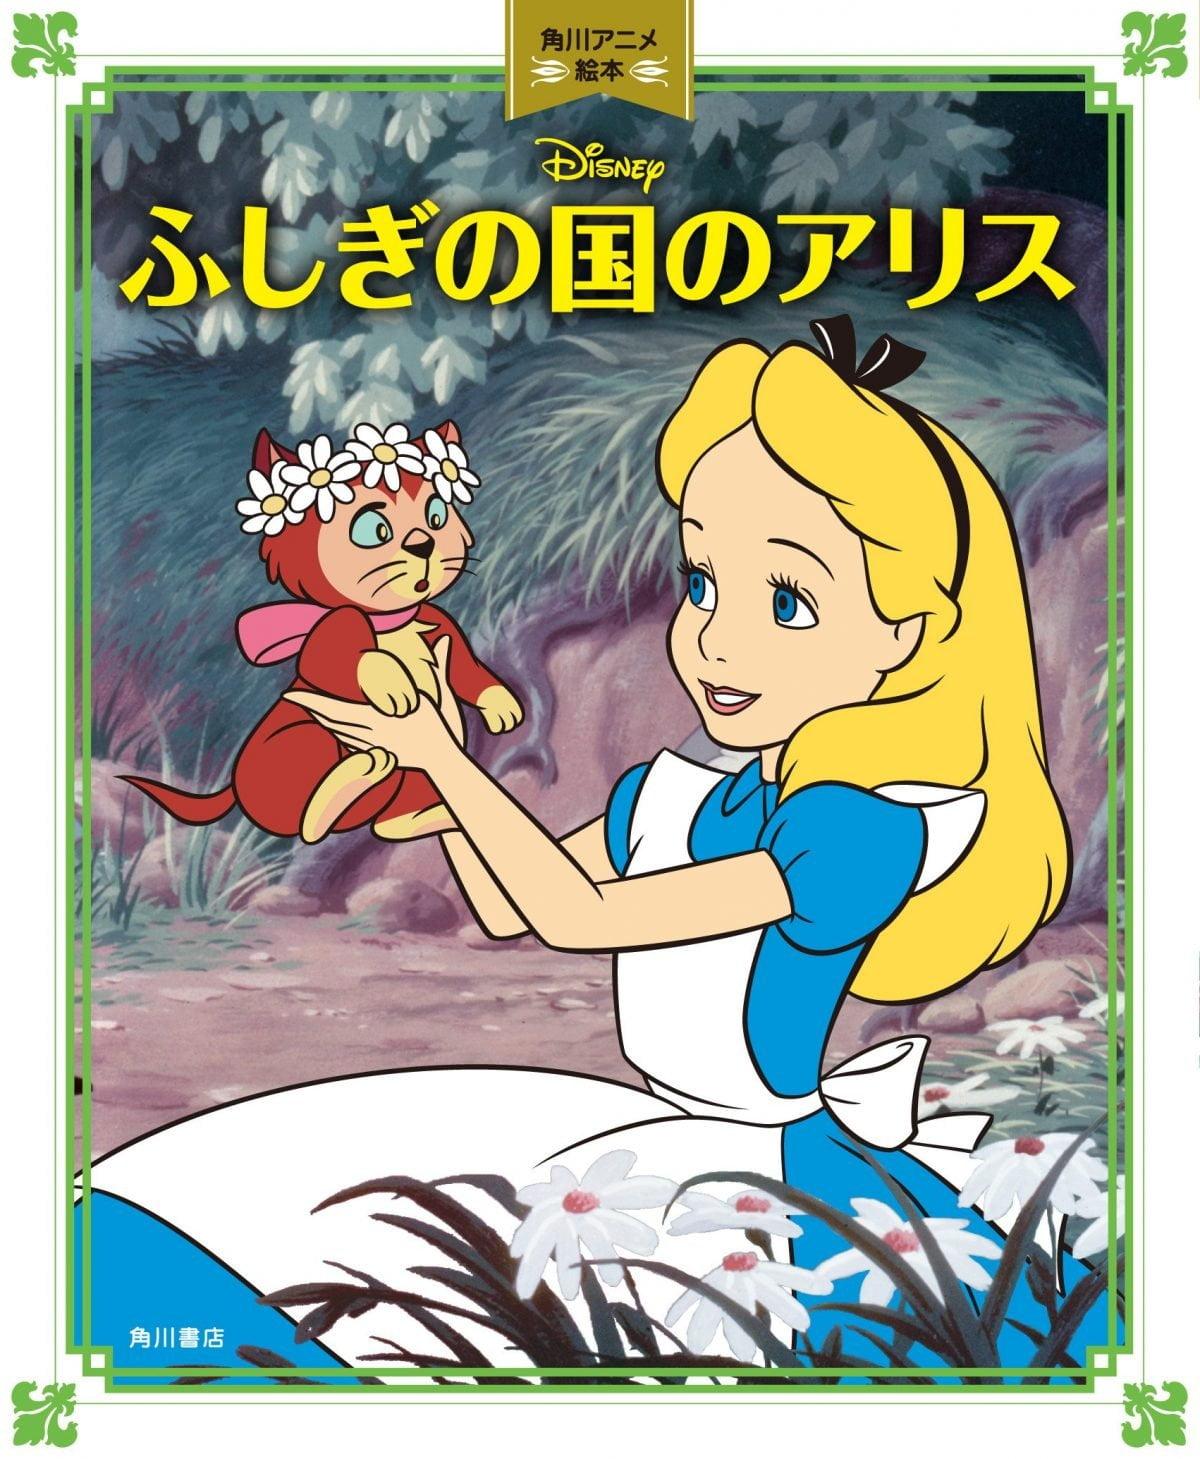 絵本「ふしぎの国のアリス 角川アニメ絵本」の表紙